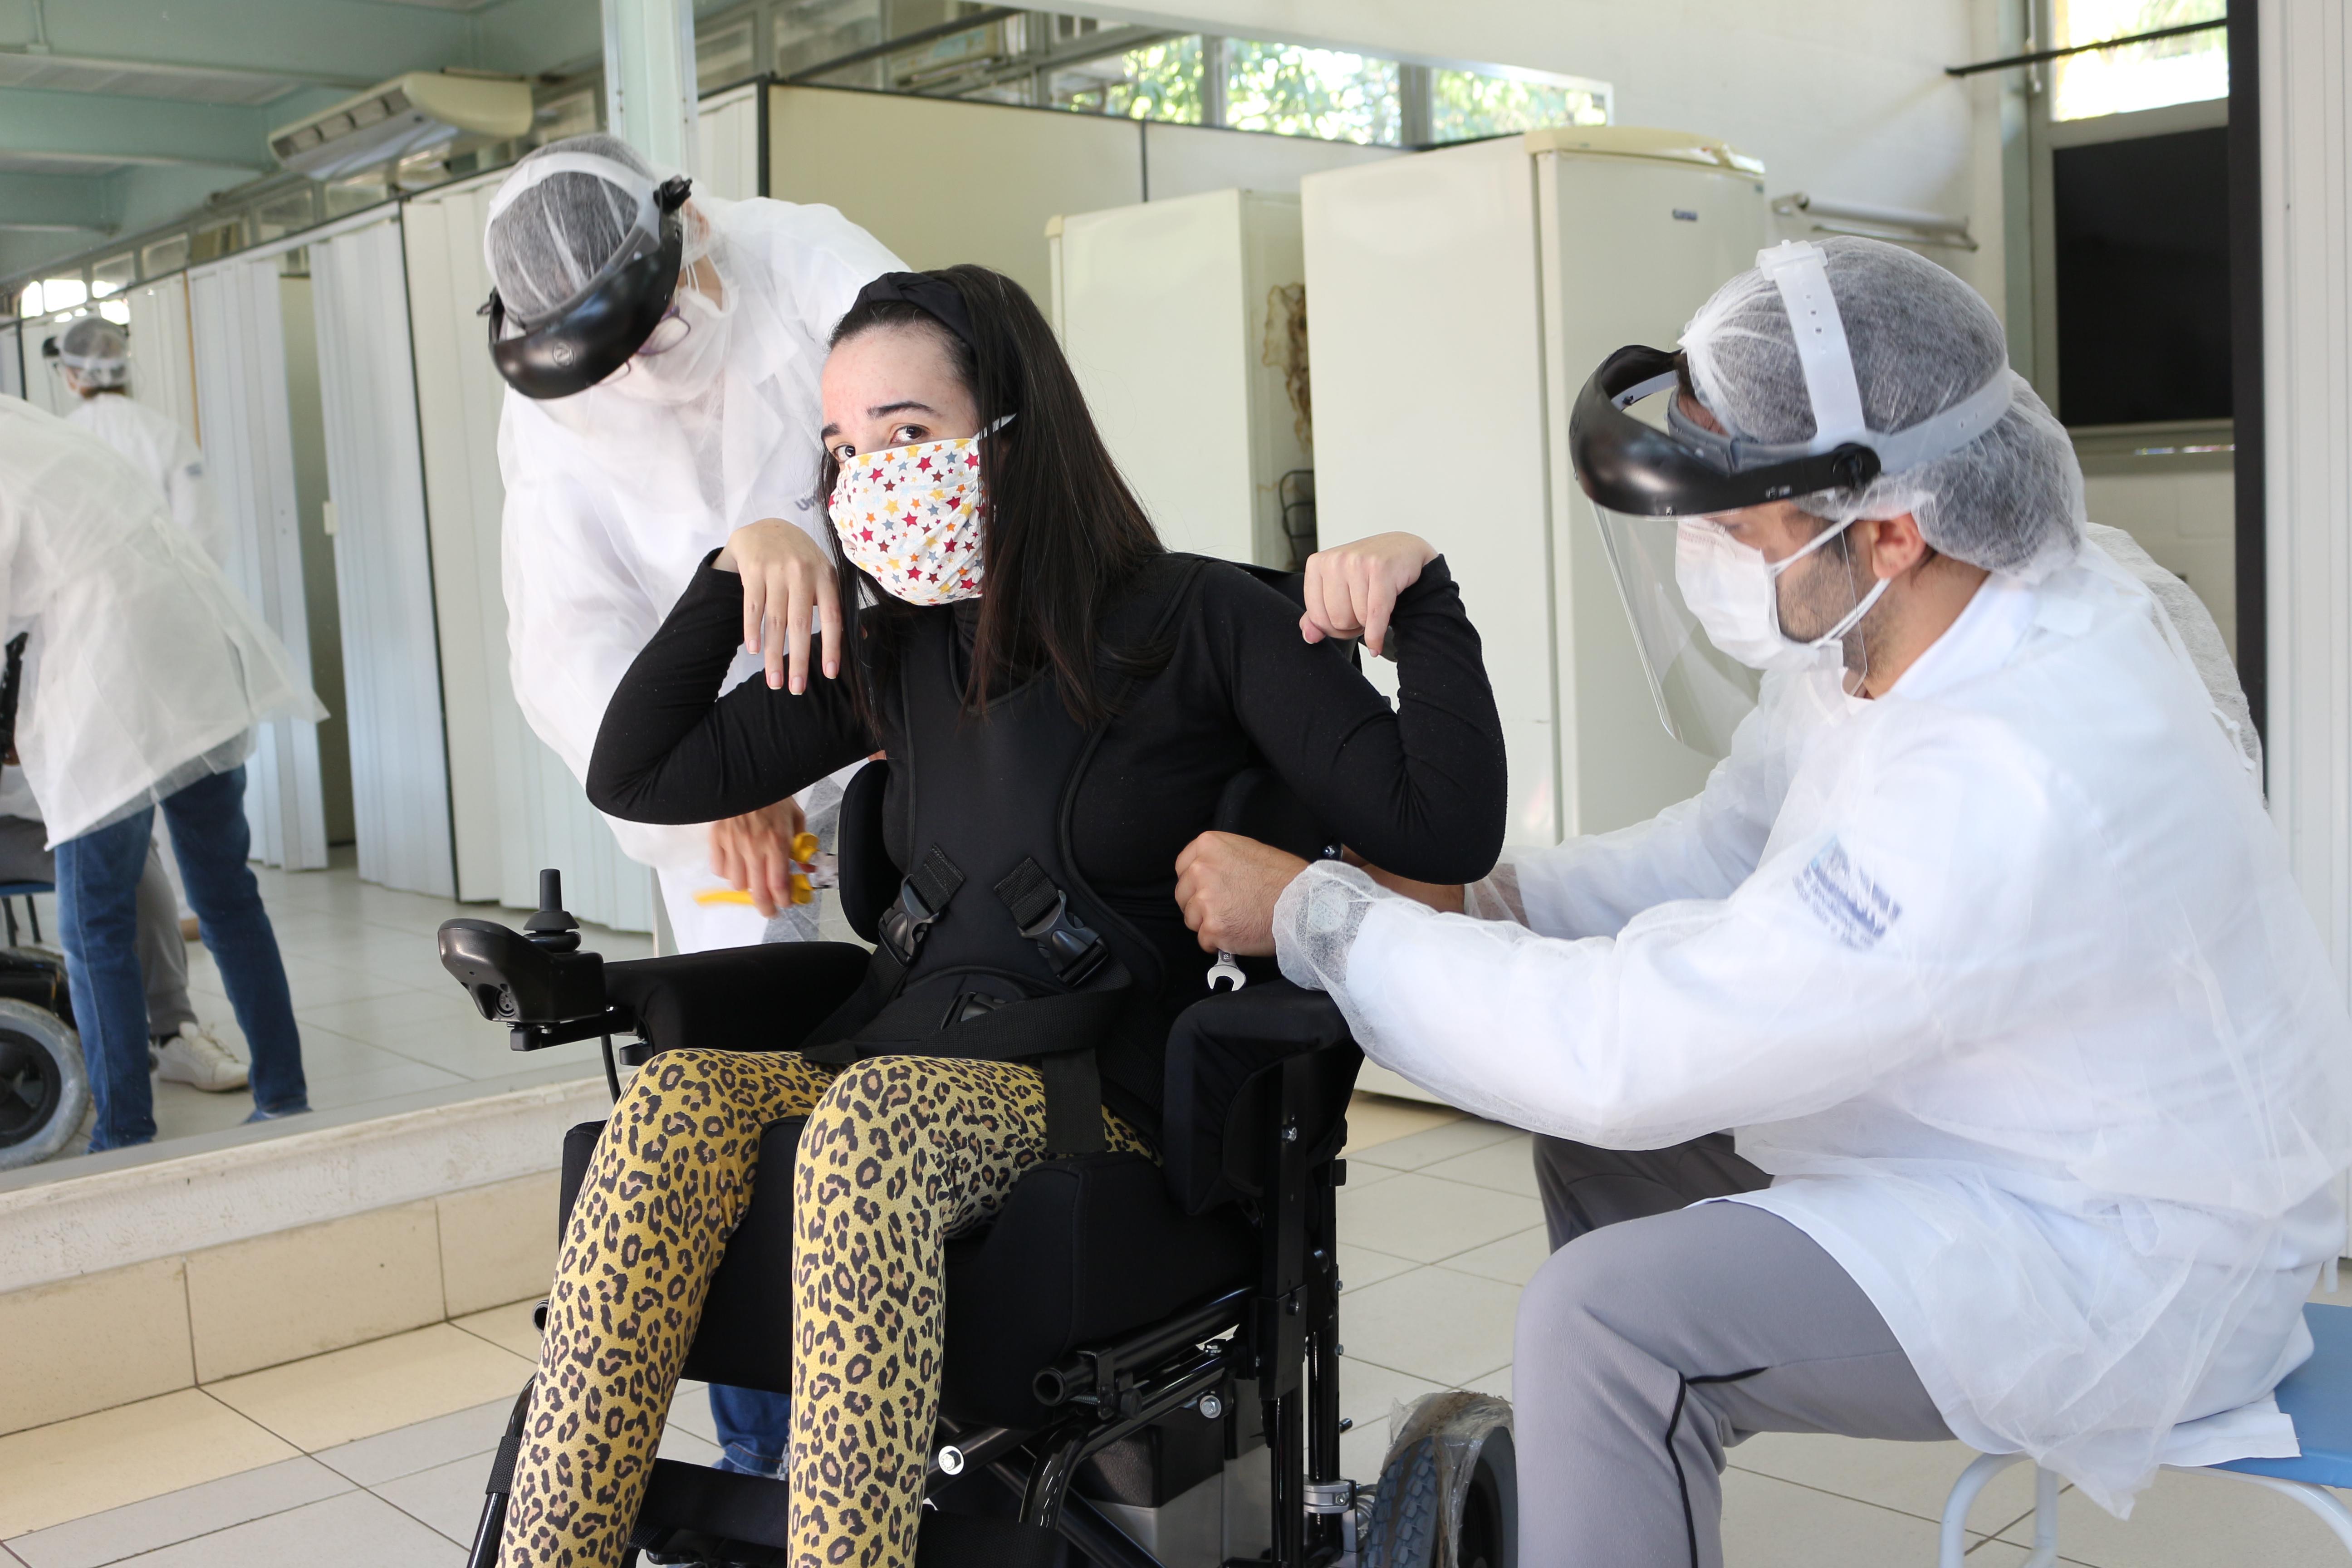 CER II Unileste_ entrega cadeiras de rodas, Centro Universitário Católica do Leste de Minas Gerais (Unileste), Brasil